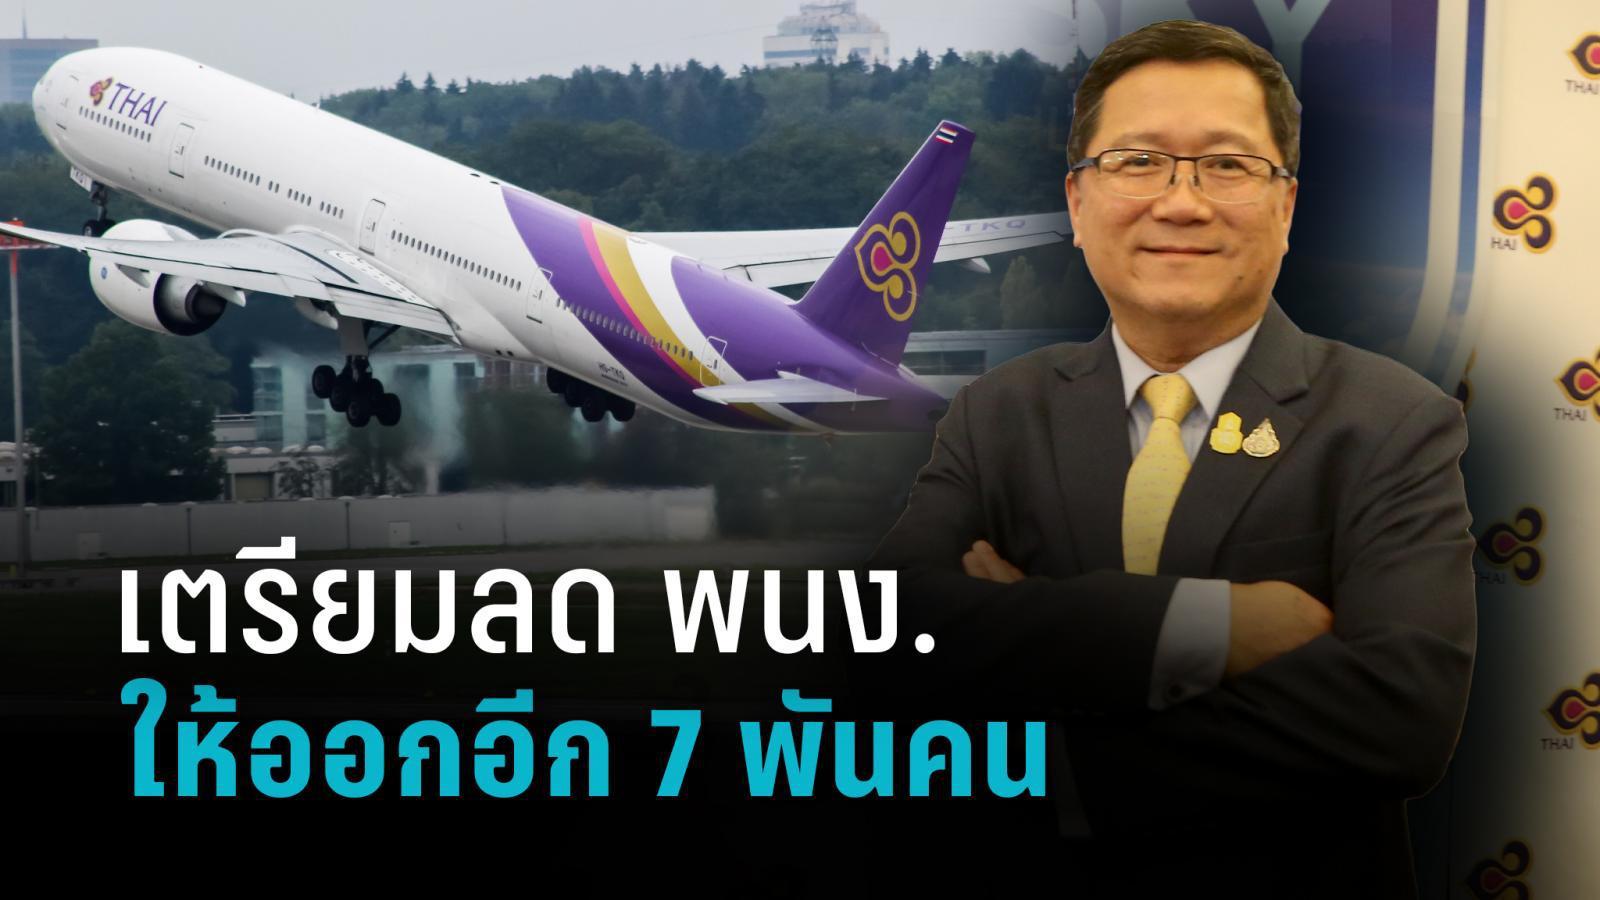 การบินไทย ตั้งเป้าลดพนักงานอีก 7,000 คน ภายในปี 64